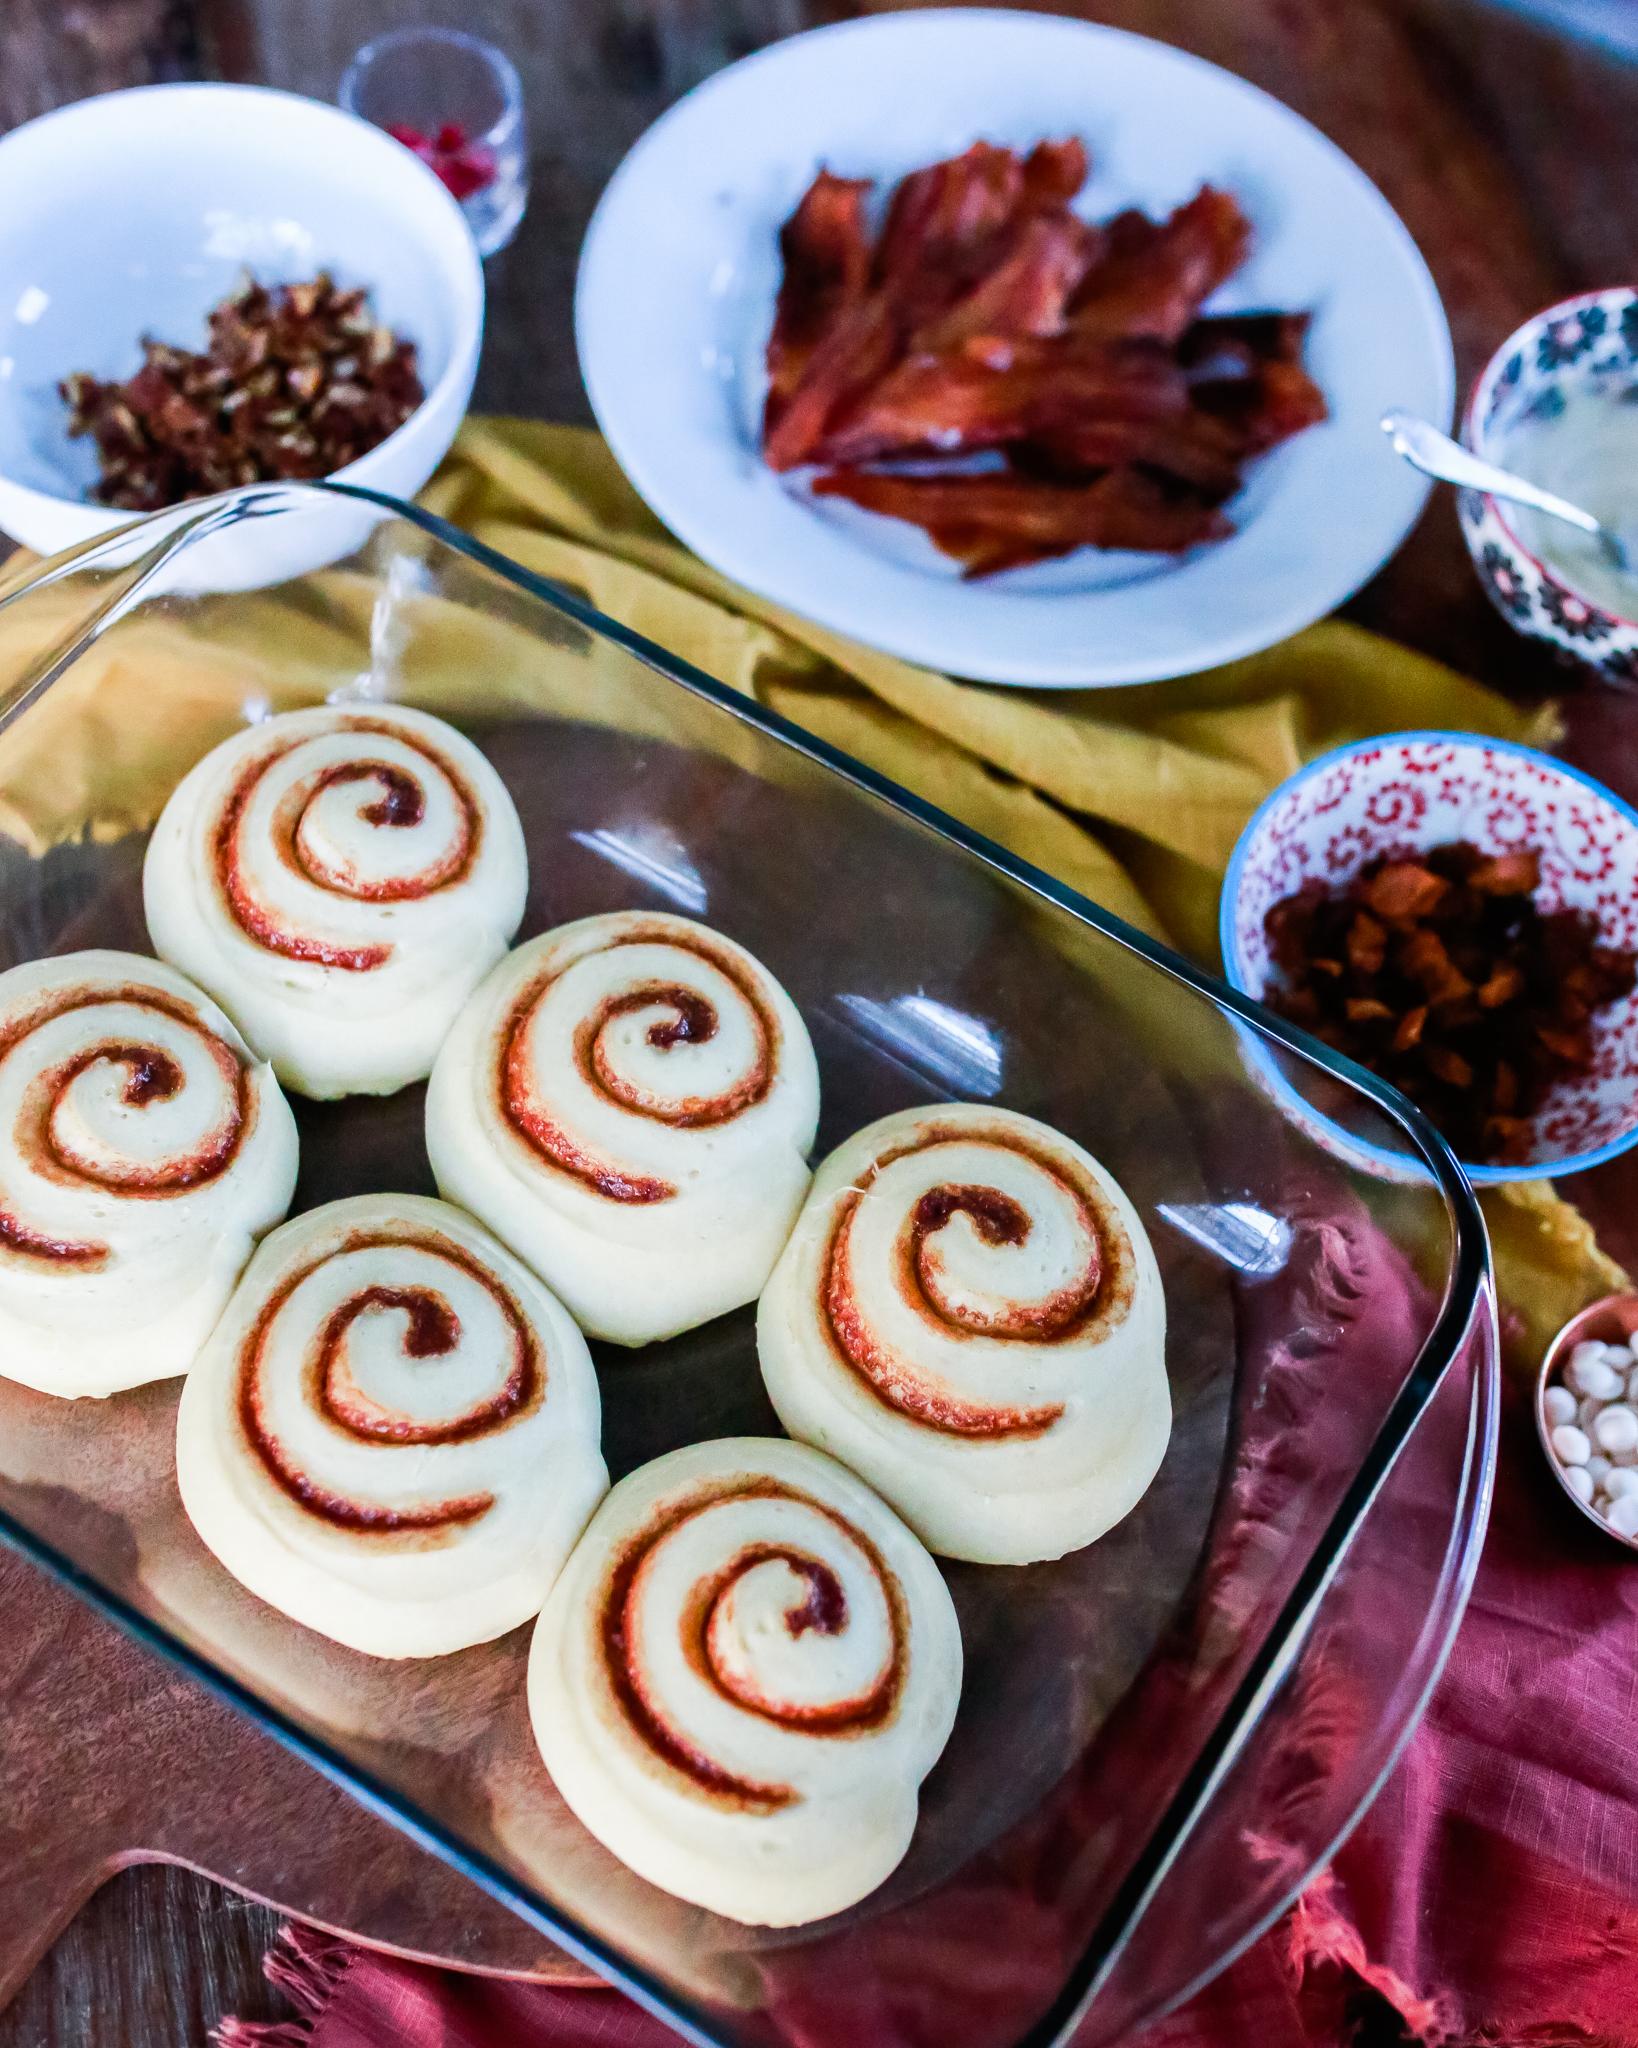 The perfect fall cinnamon roll recipe